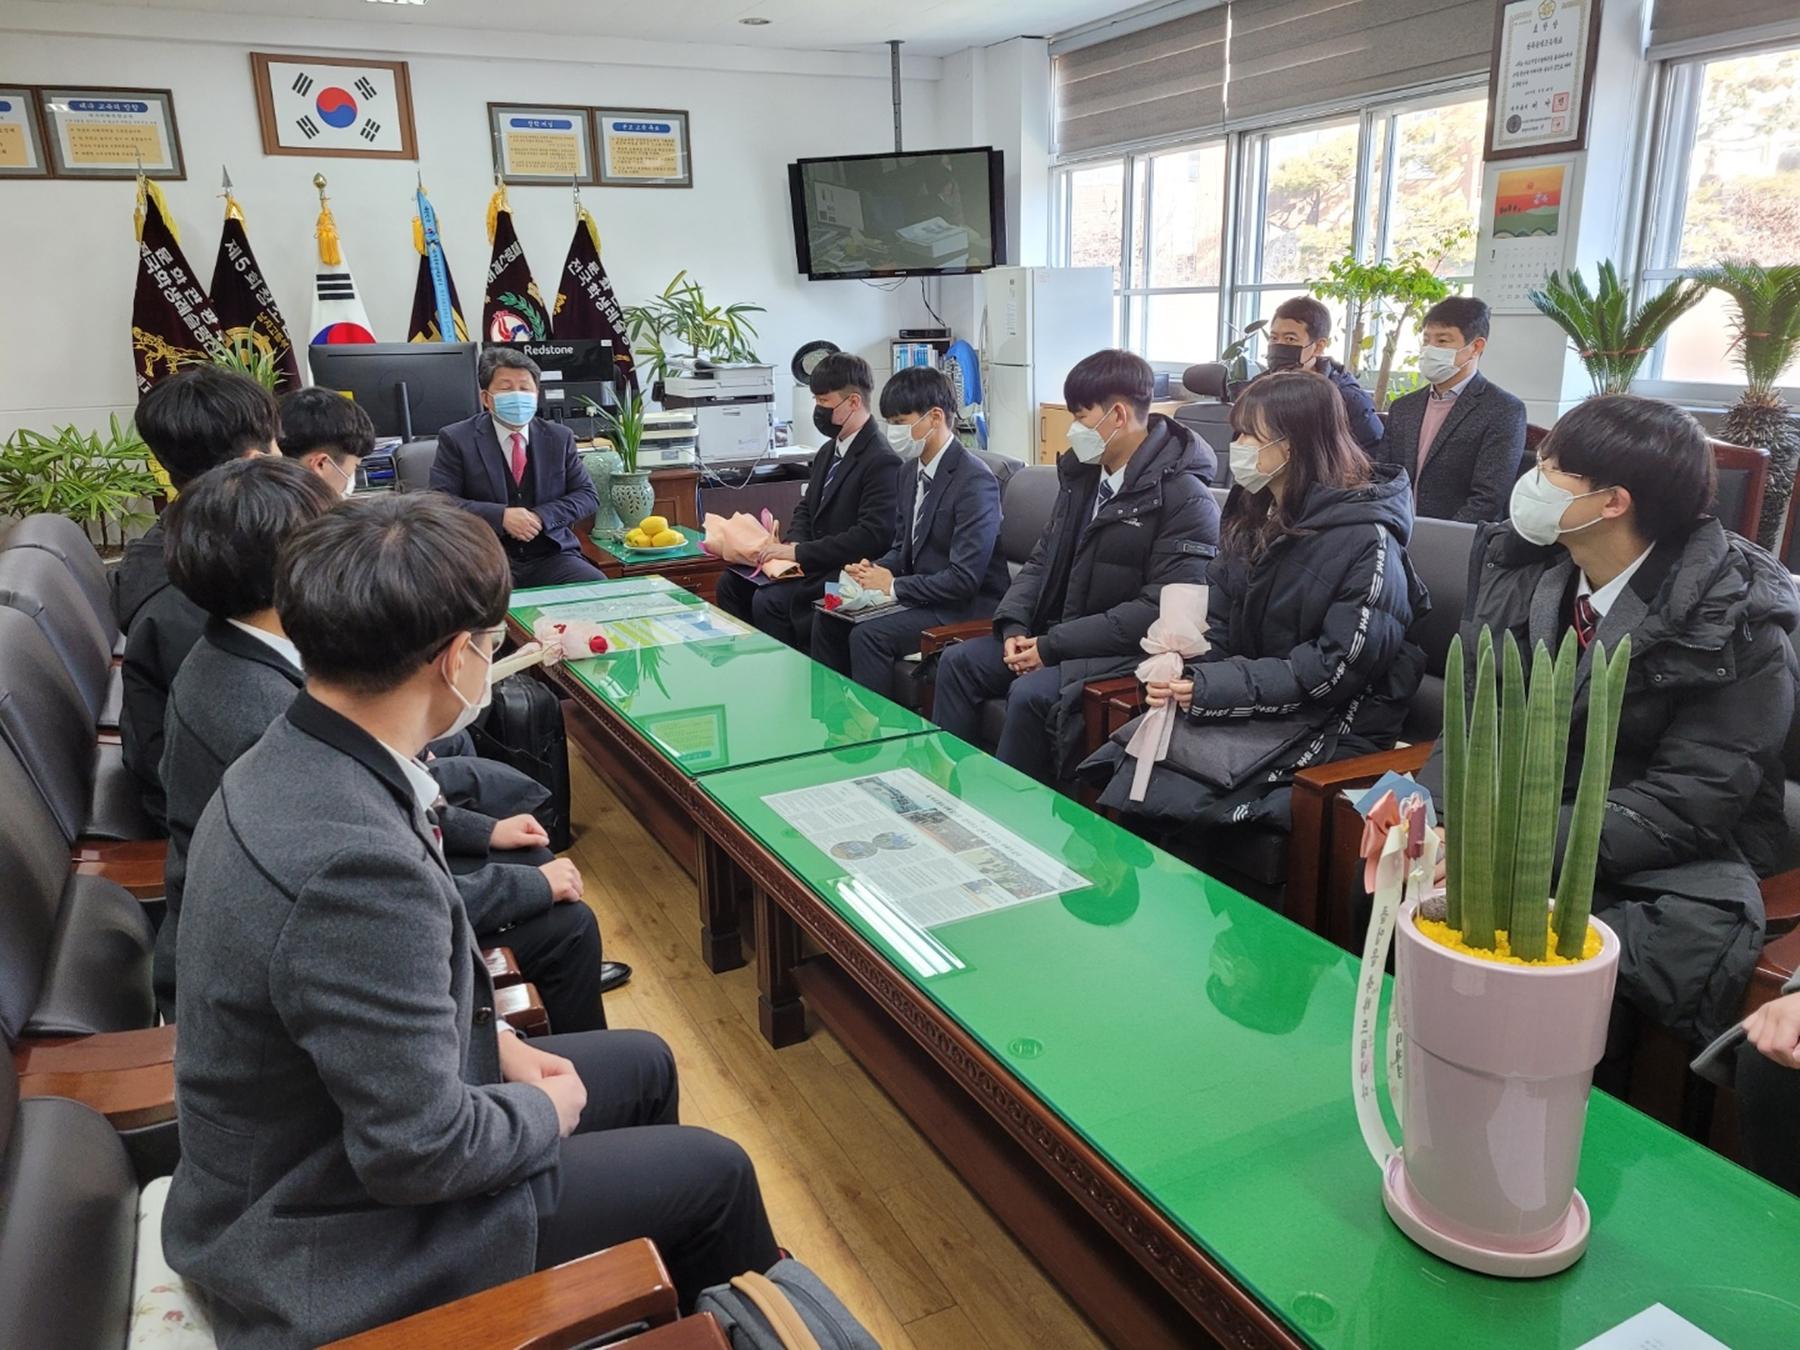 [대구]경북공고, 고졸 공무원 채용시험 합격자 8명과 선생님의 만남